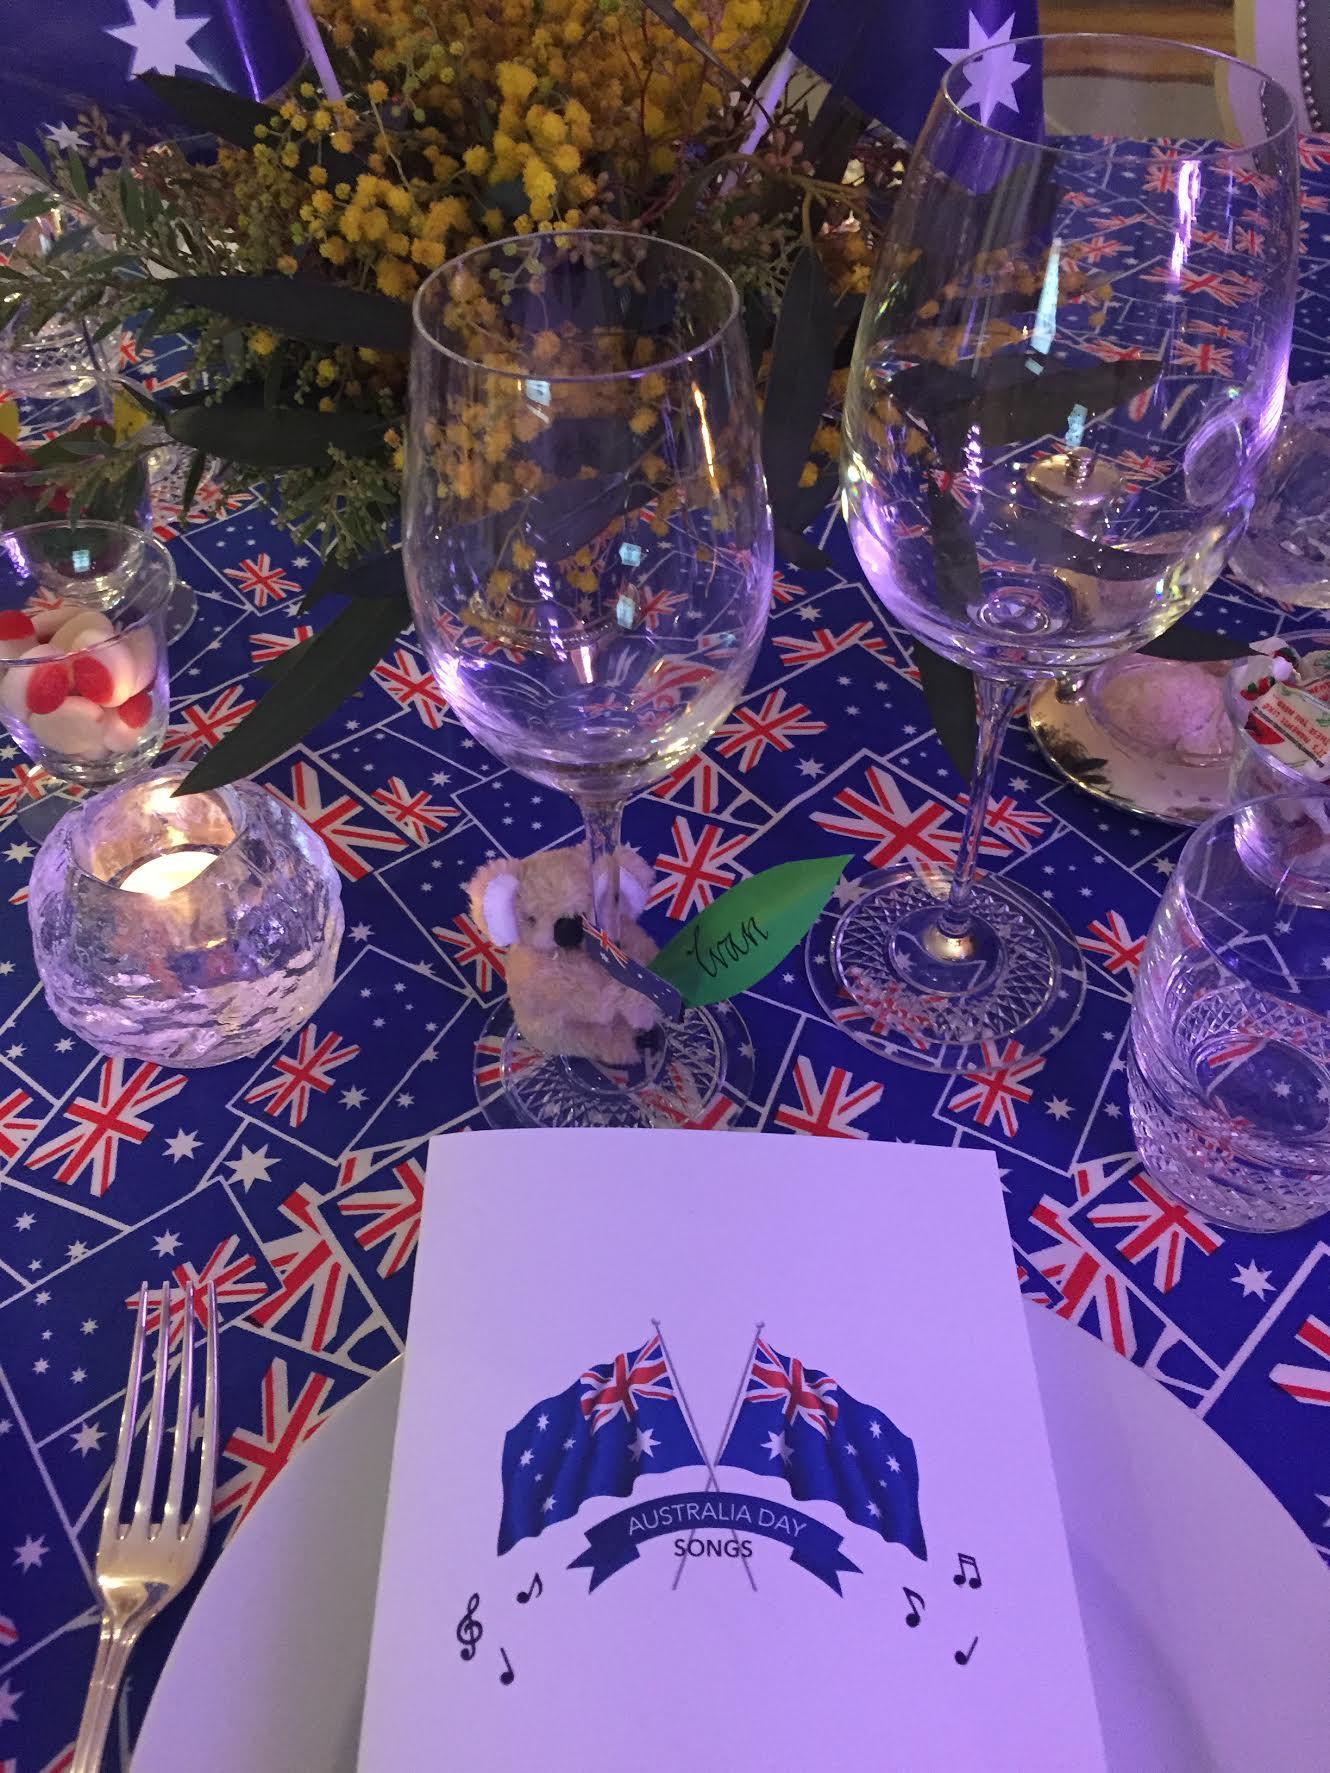 Australia Day Table Setting.jpg